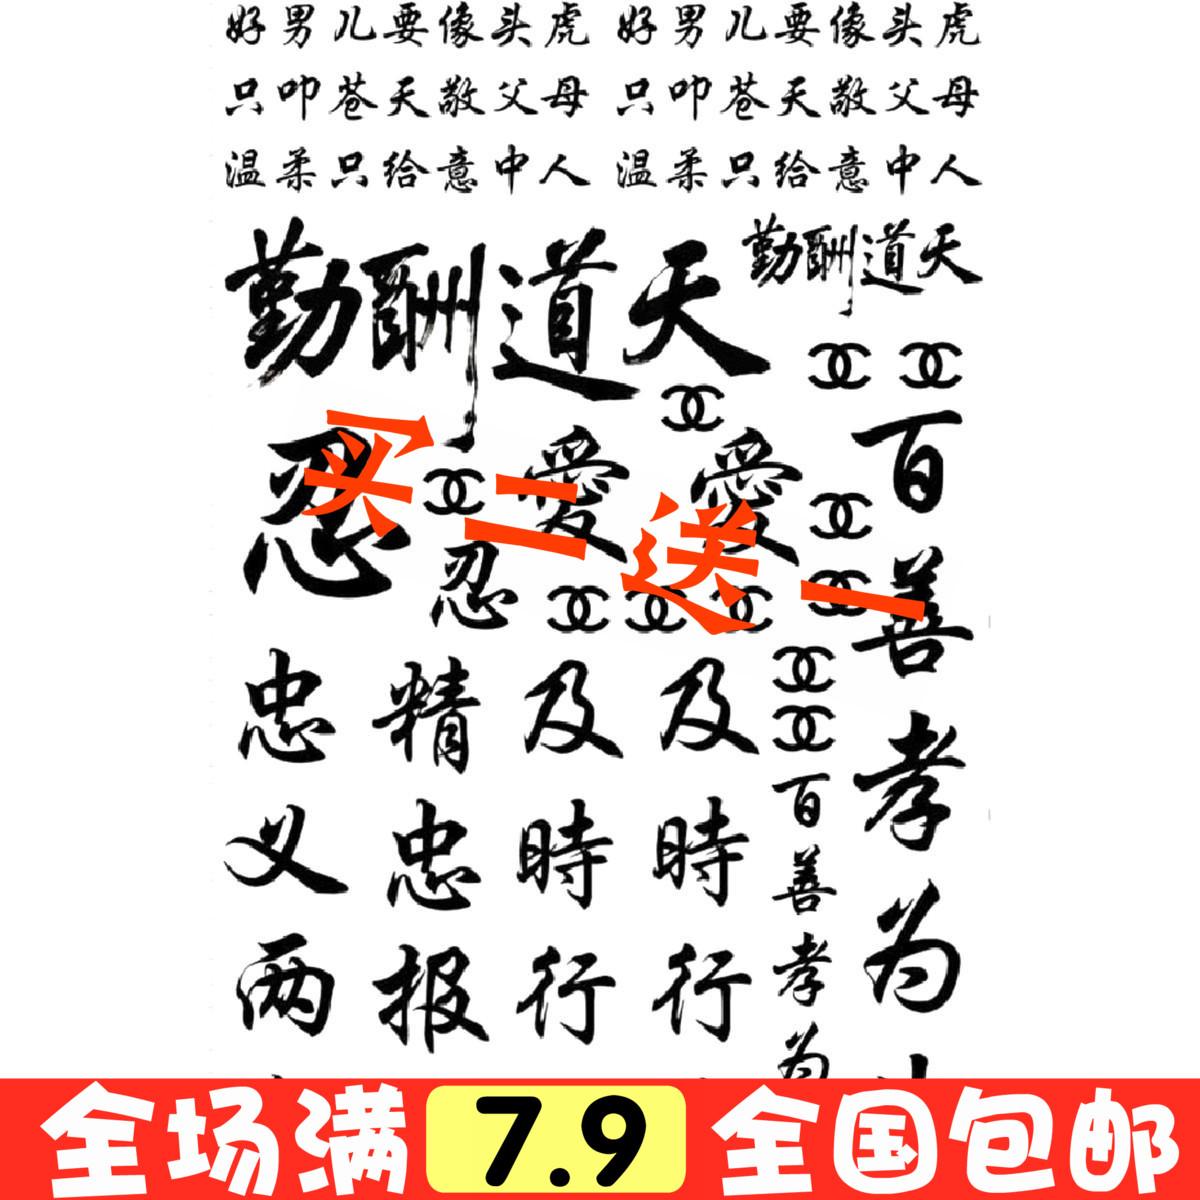 汉字纹身贴刺青防水 高迪手指 忍爱及时行乐吴迪款 定制 包邮